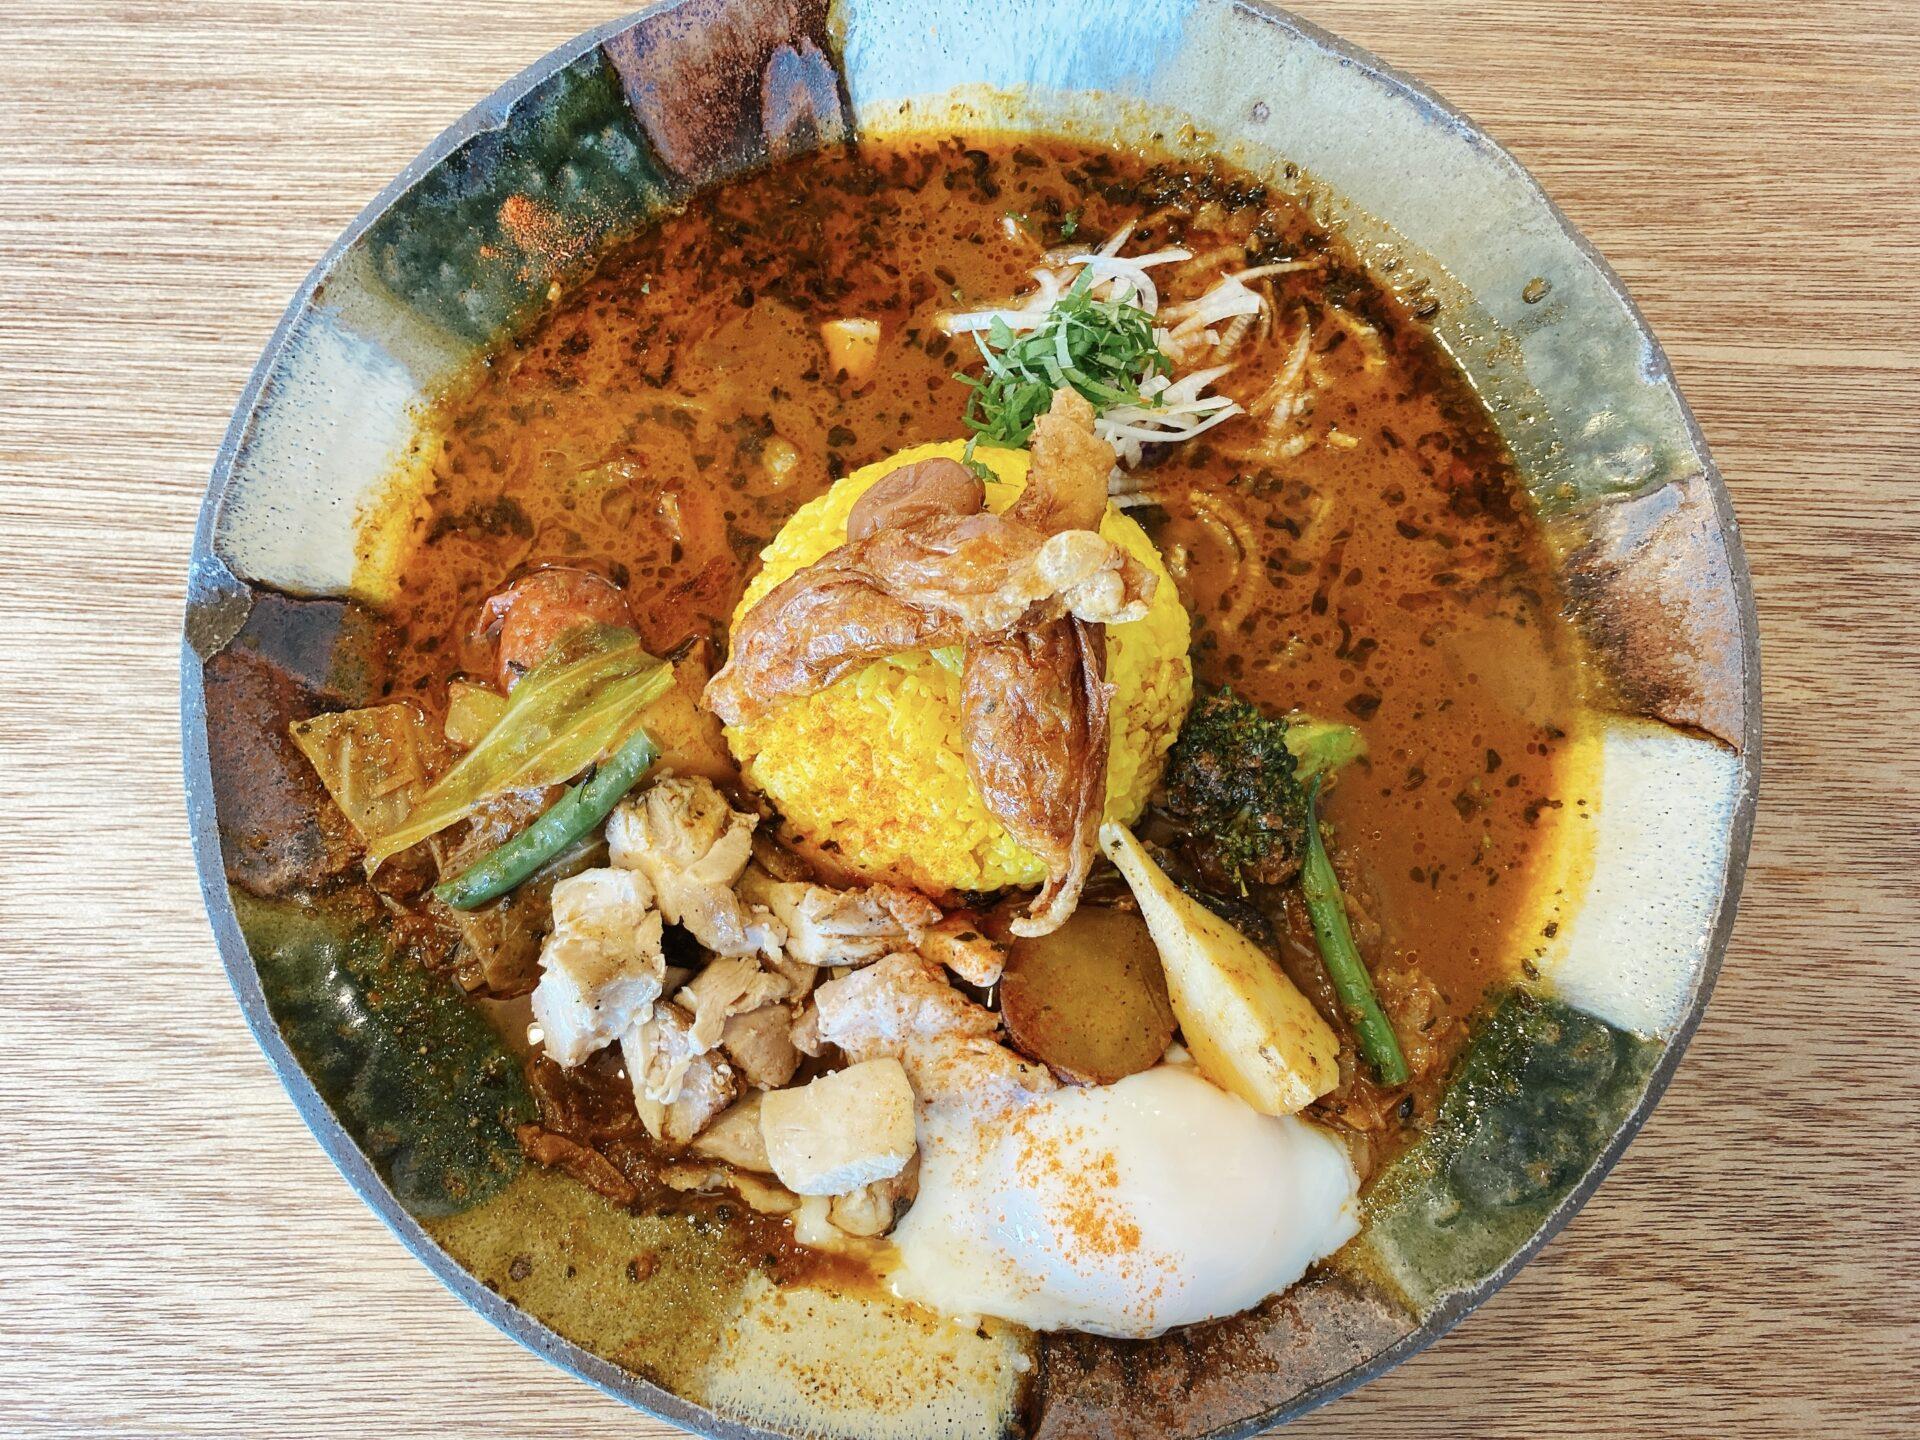 上道駅から車で約8分 スープカレー なっぱ ランチで食べた、たっぷり野菜と鶏皮餃子の入った「鶏ざんまい」が堪らない美味しさ!